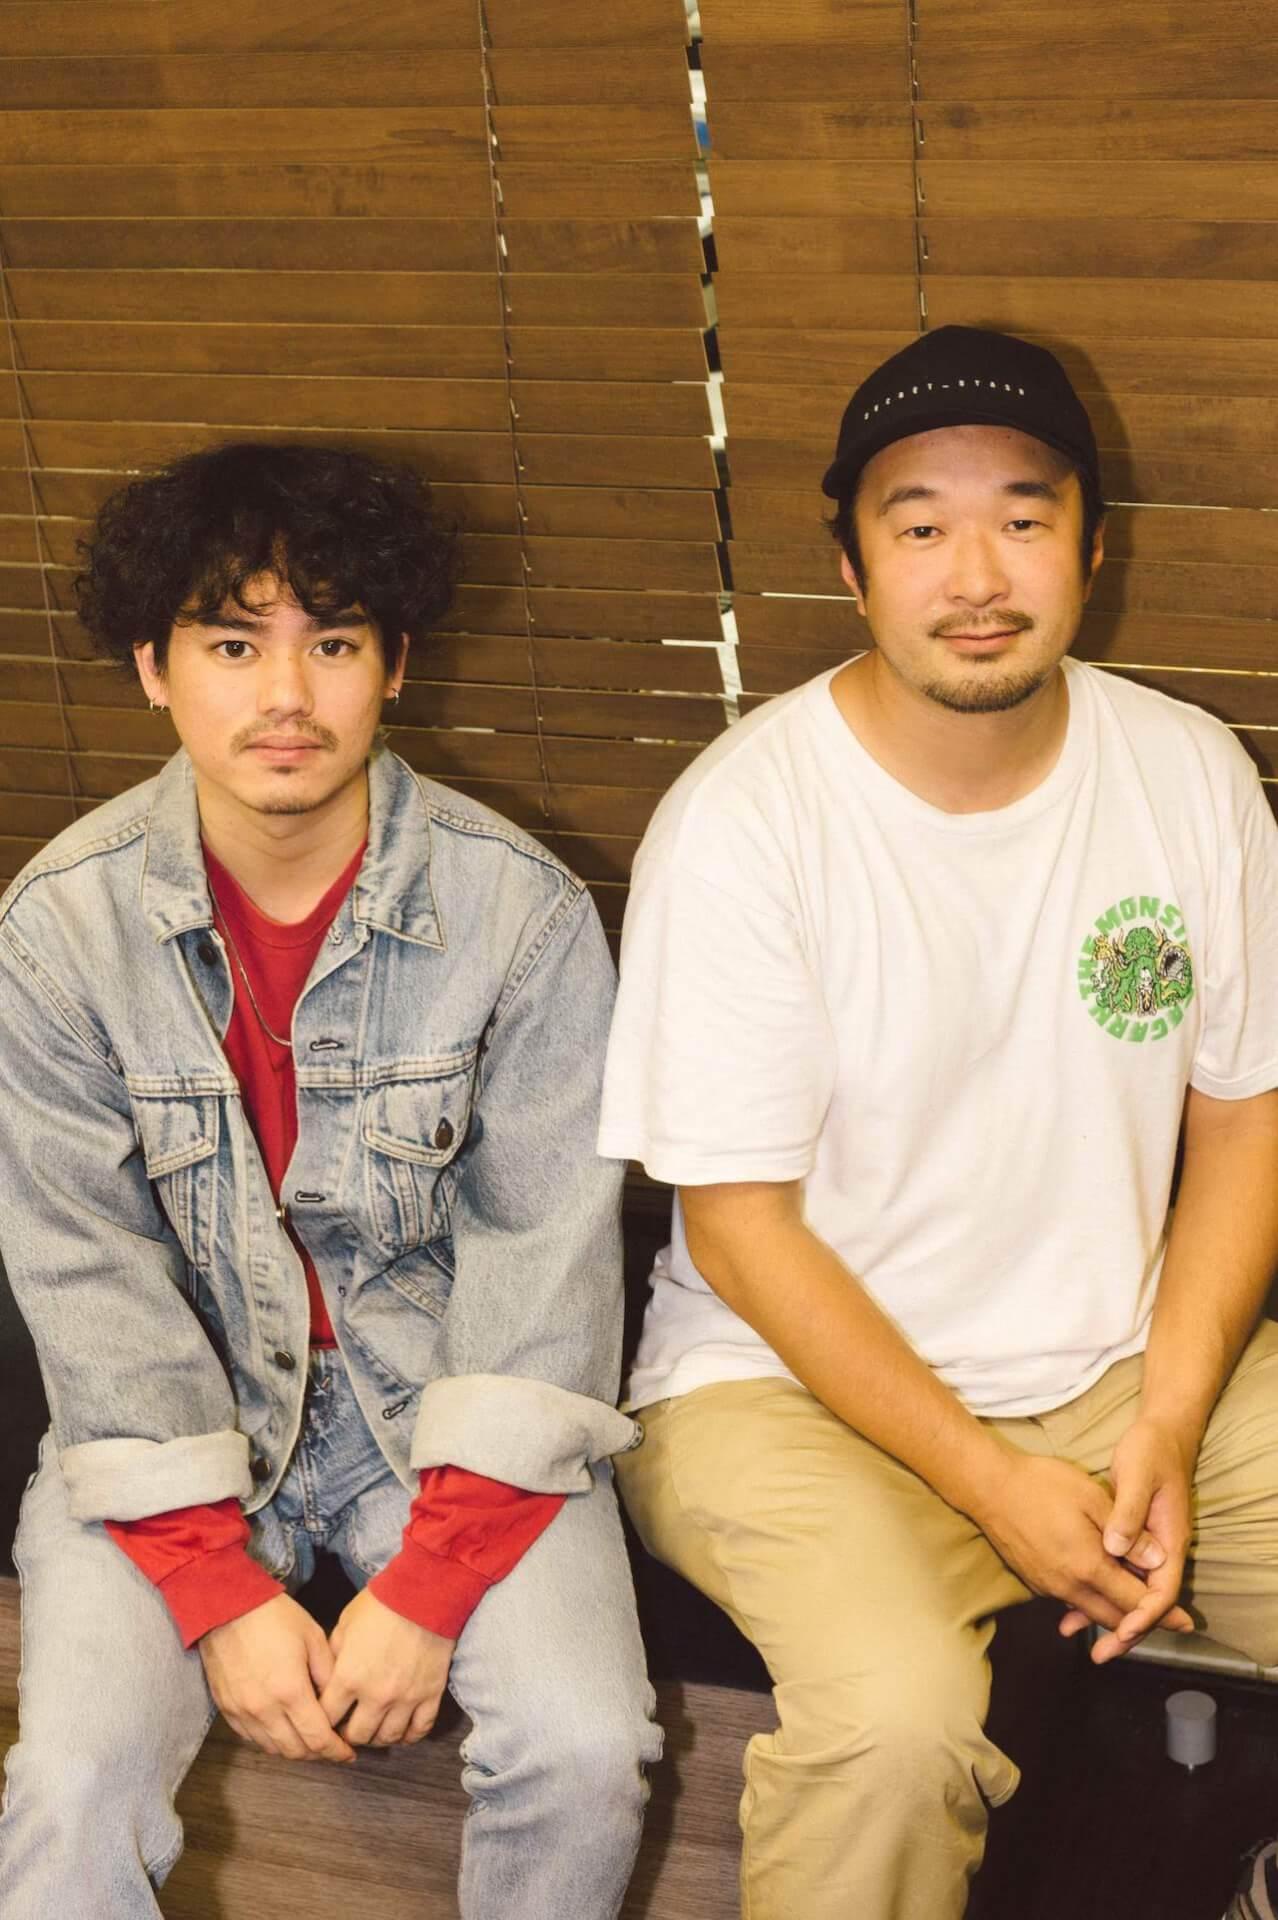 タイラダイスケ(FREE THROW)× Yuto Uchino(The fin.)対談|「FRIENDSHIP.」が目指す新しいアーティストサポートの形とは? interview1121_friendship-35